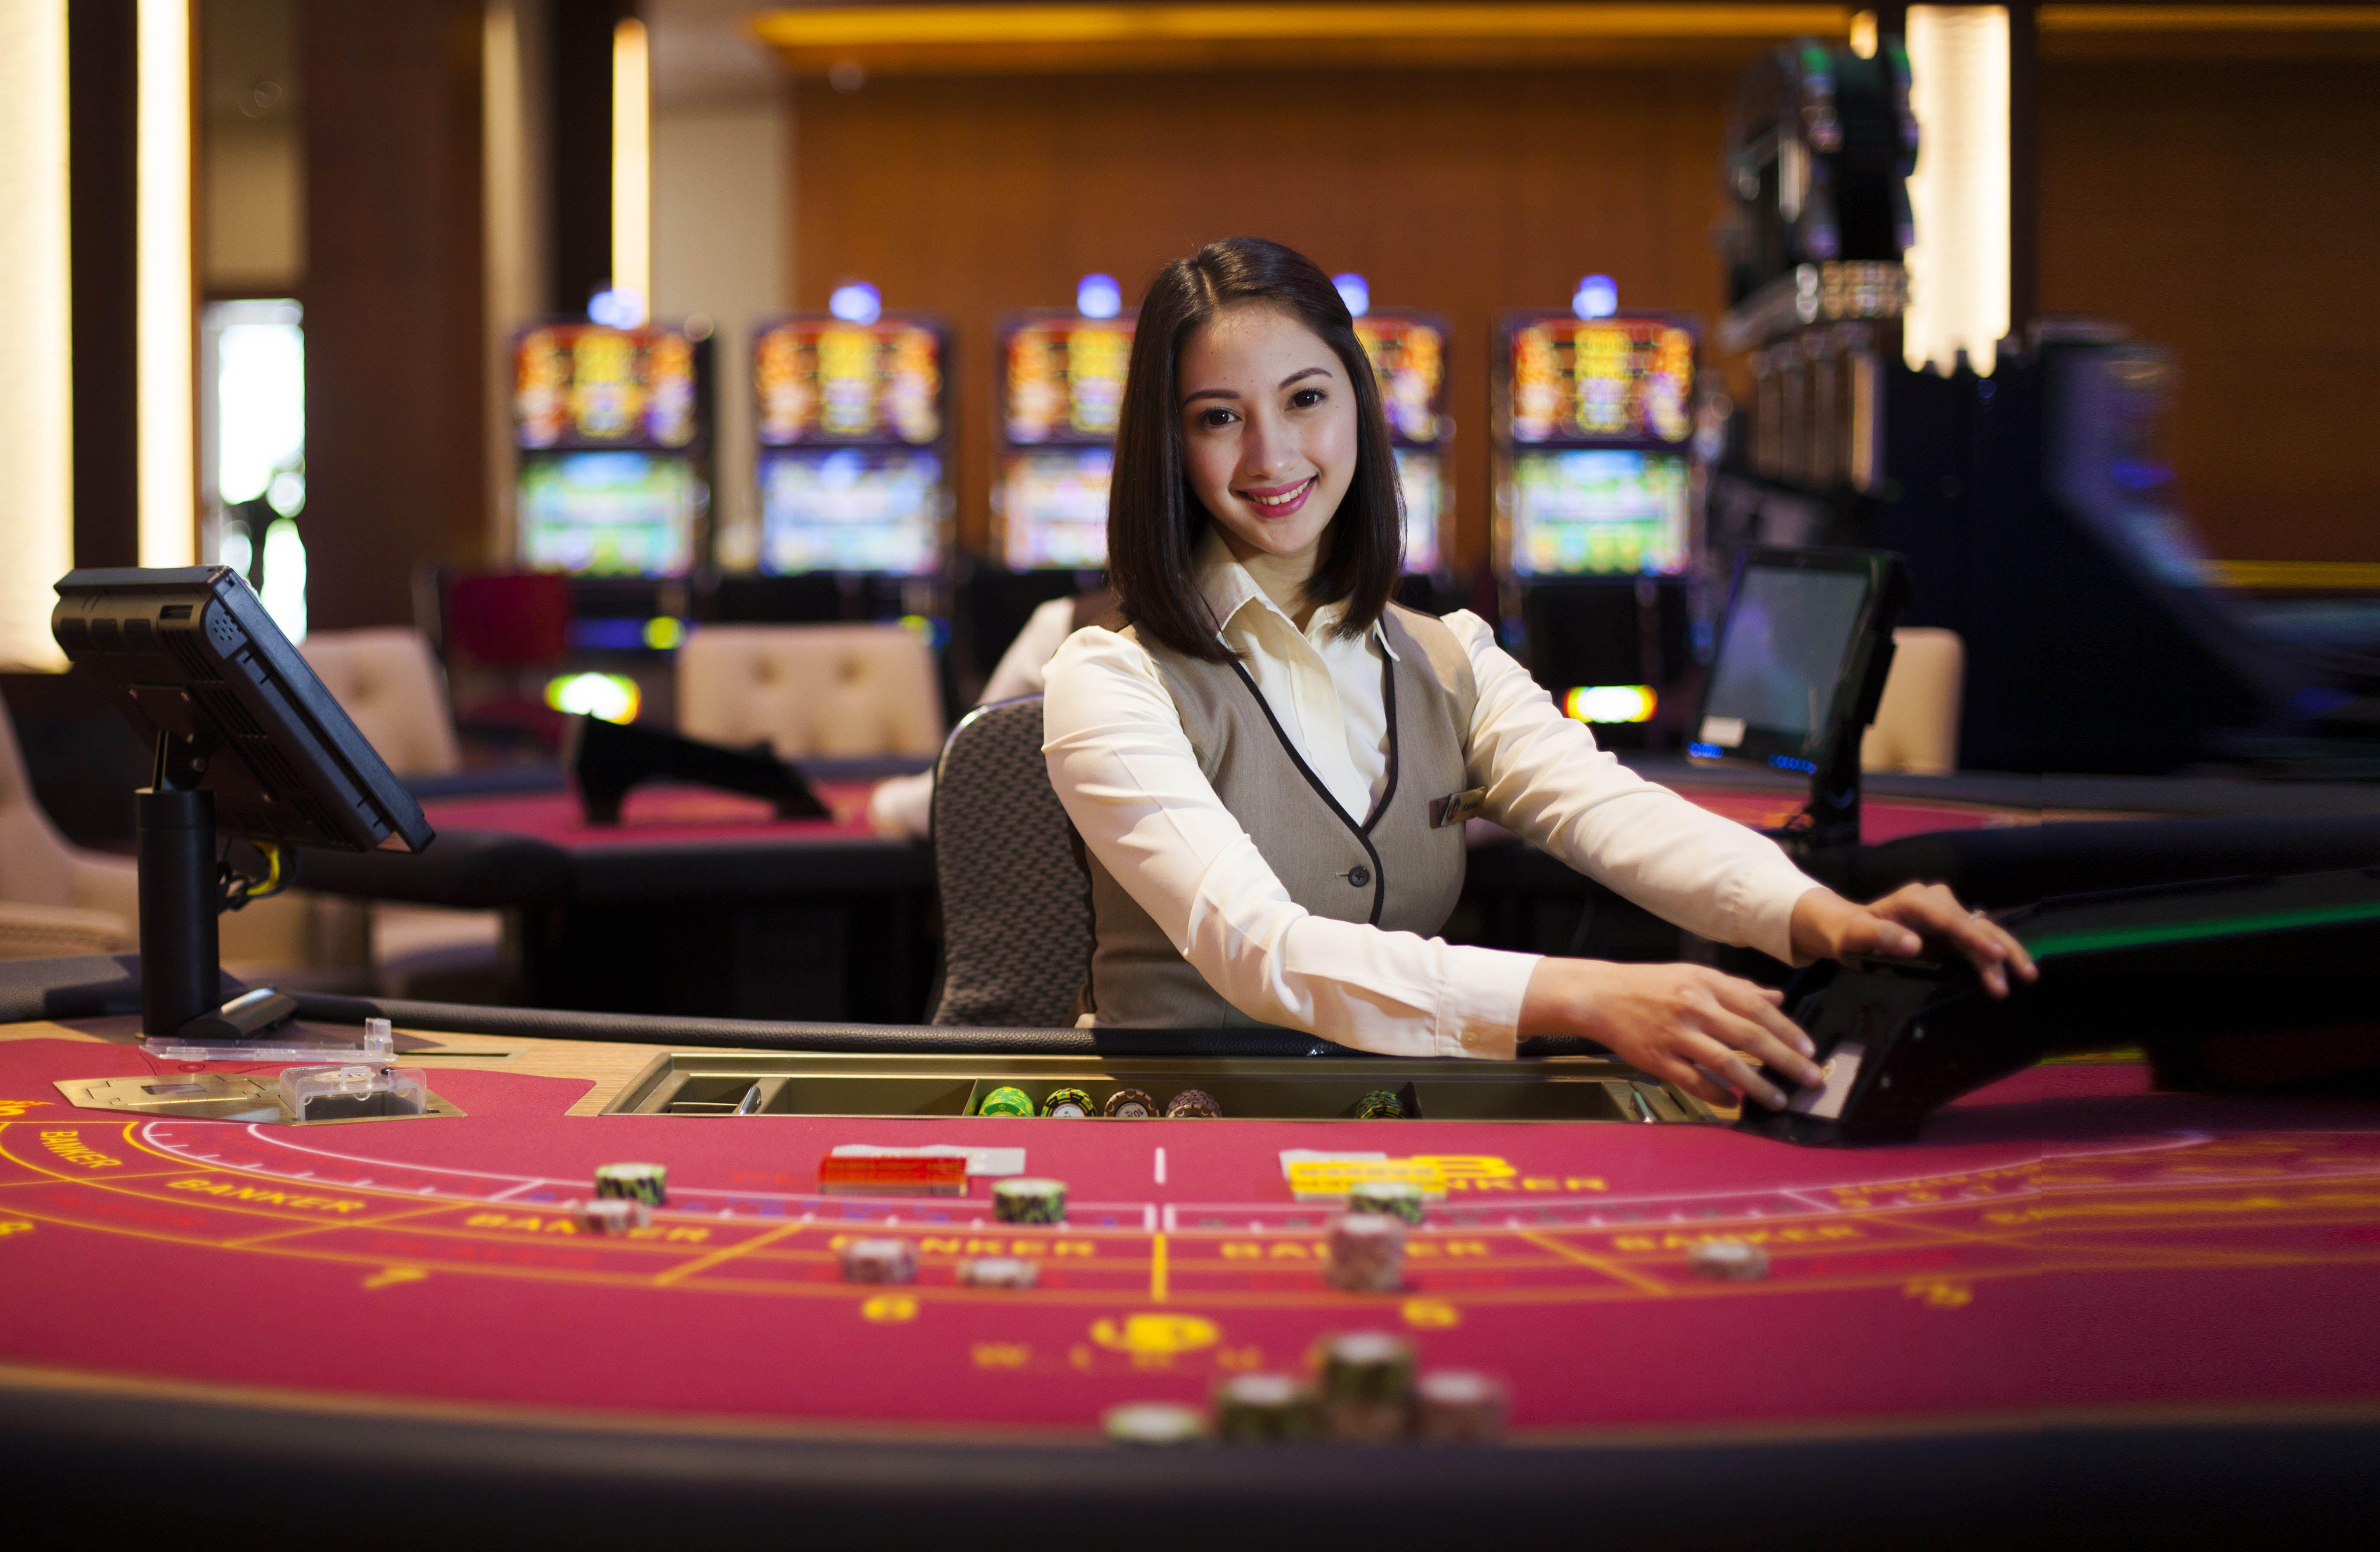 Best casino dealer casino gaming pokerpoker online poker